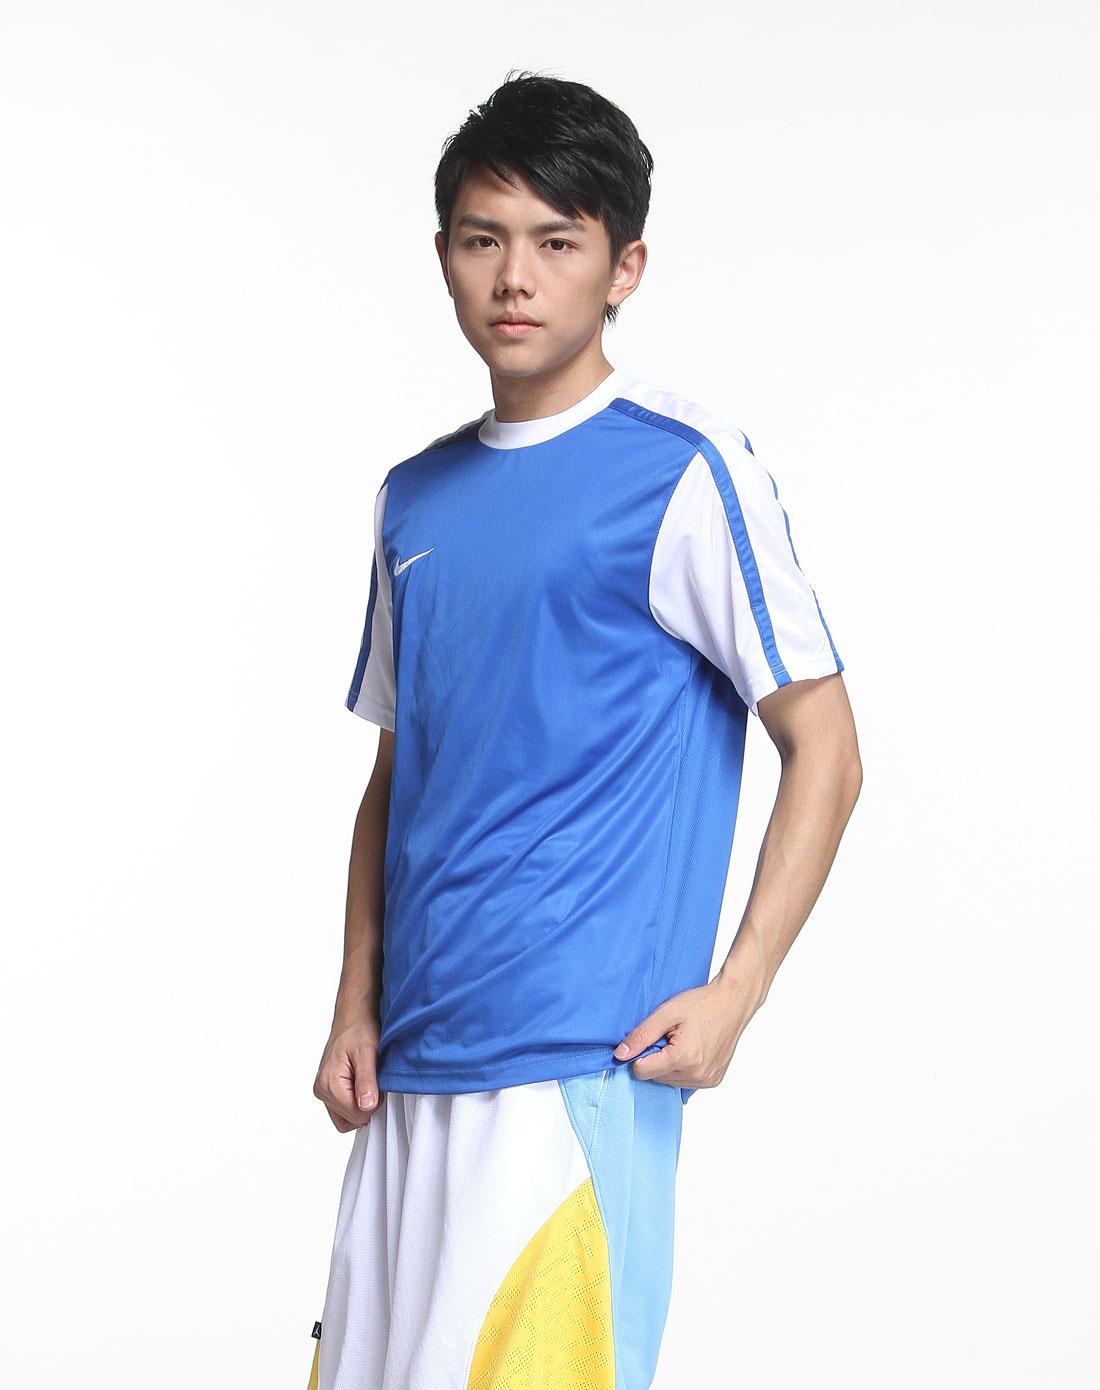 蓝色足球短袖t恤